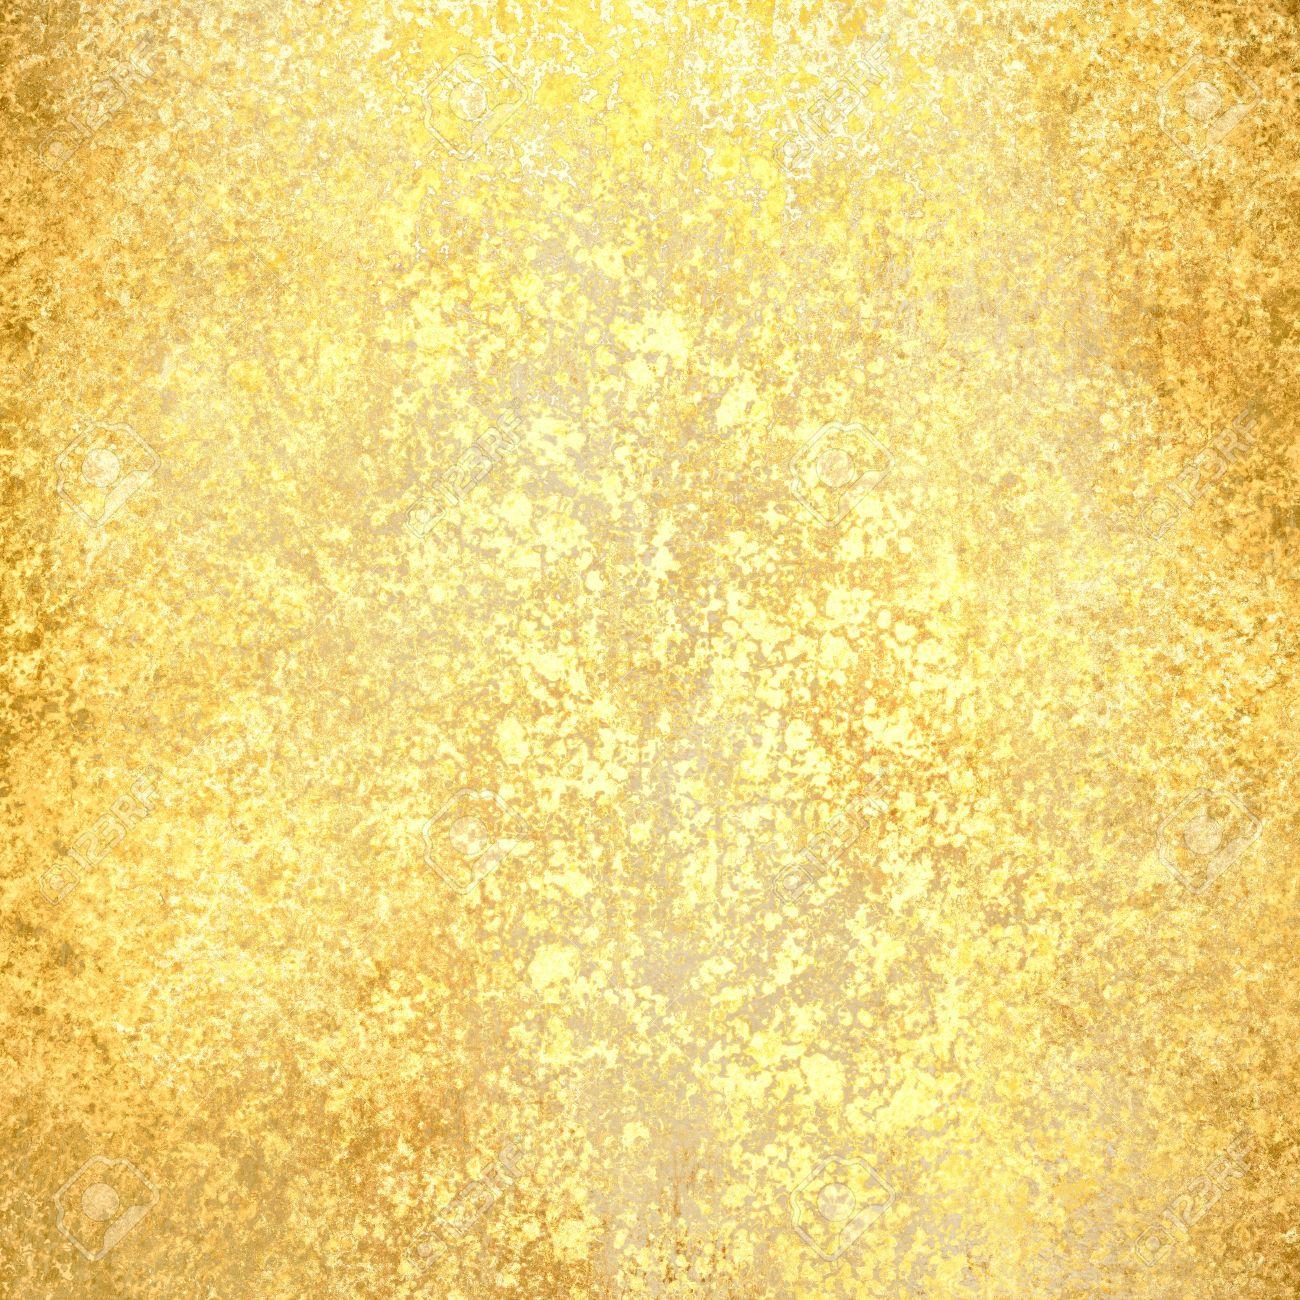 Gold Hintergrund Textur Luxus Aus Massivem Gold Hintergrund Wand